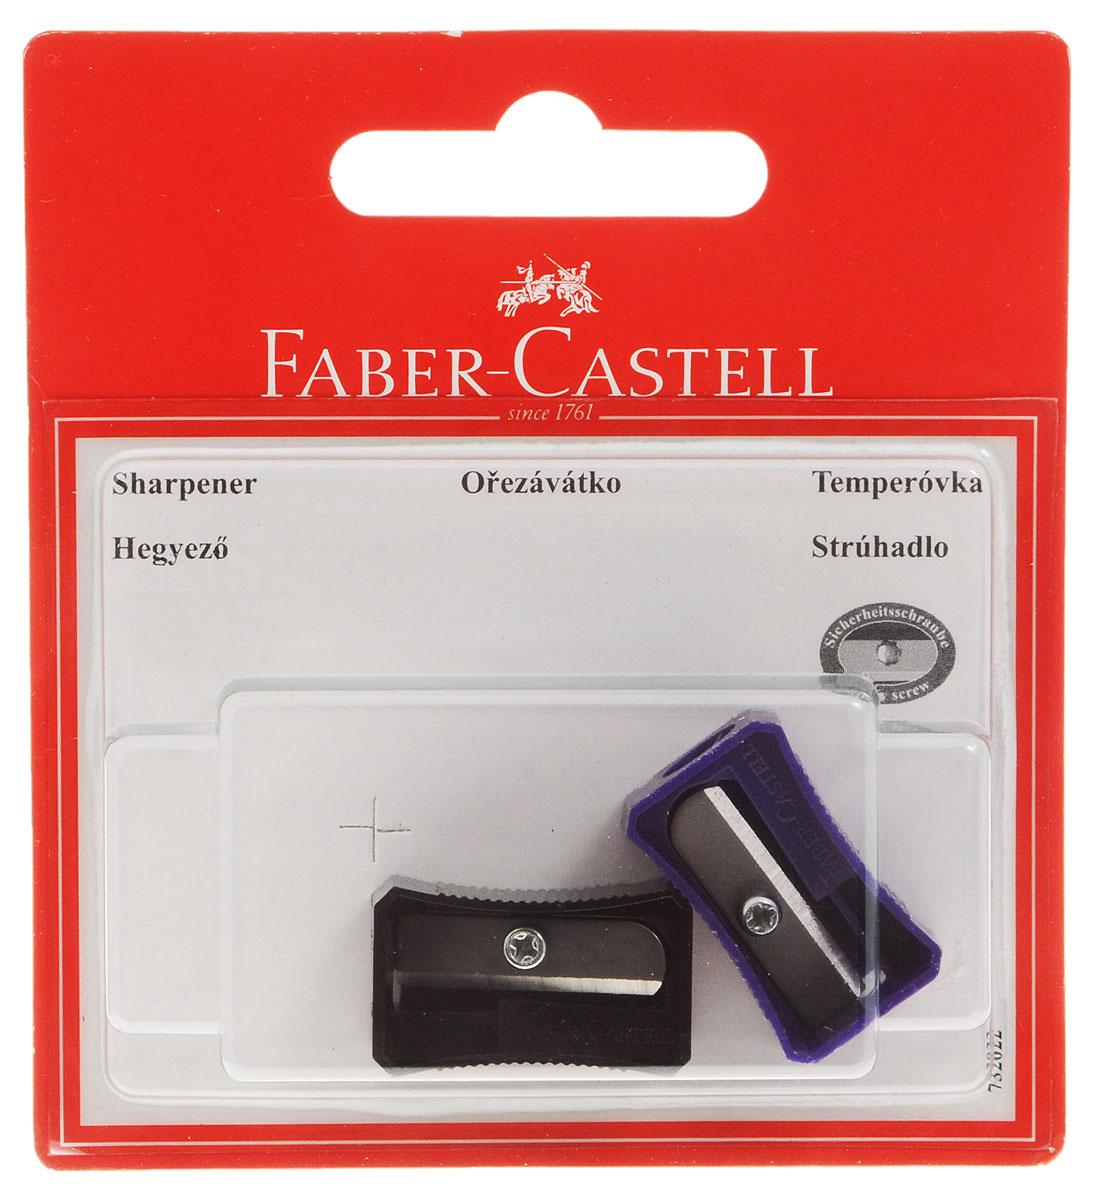 Точилка Faber-Castell предназначена для затачивания классических простых и цветных карандашей.В наборе две точилки из пластика черного и фиолетового цветов с рифленой областью захвата. Острые лезвия обеспечивают высококачественную и точную заточку деревянных карандашей.